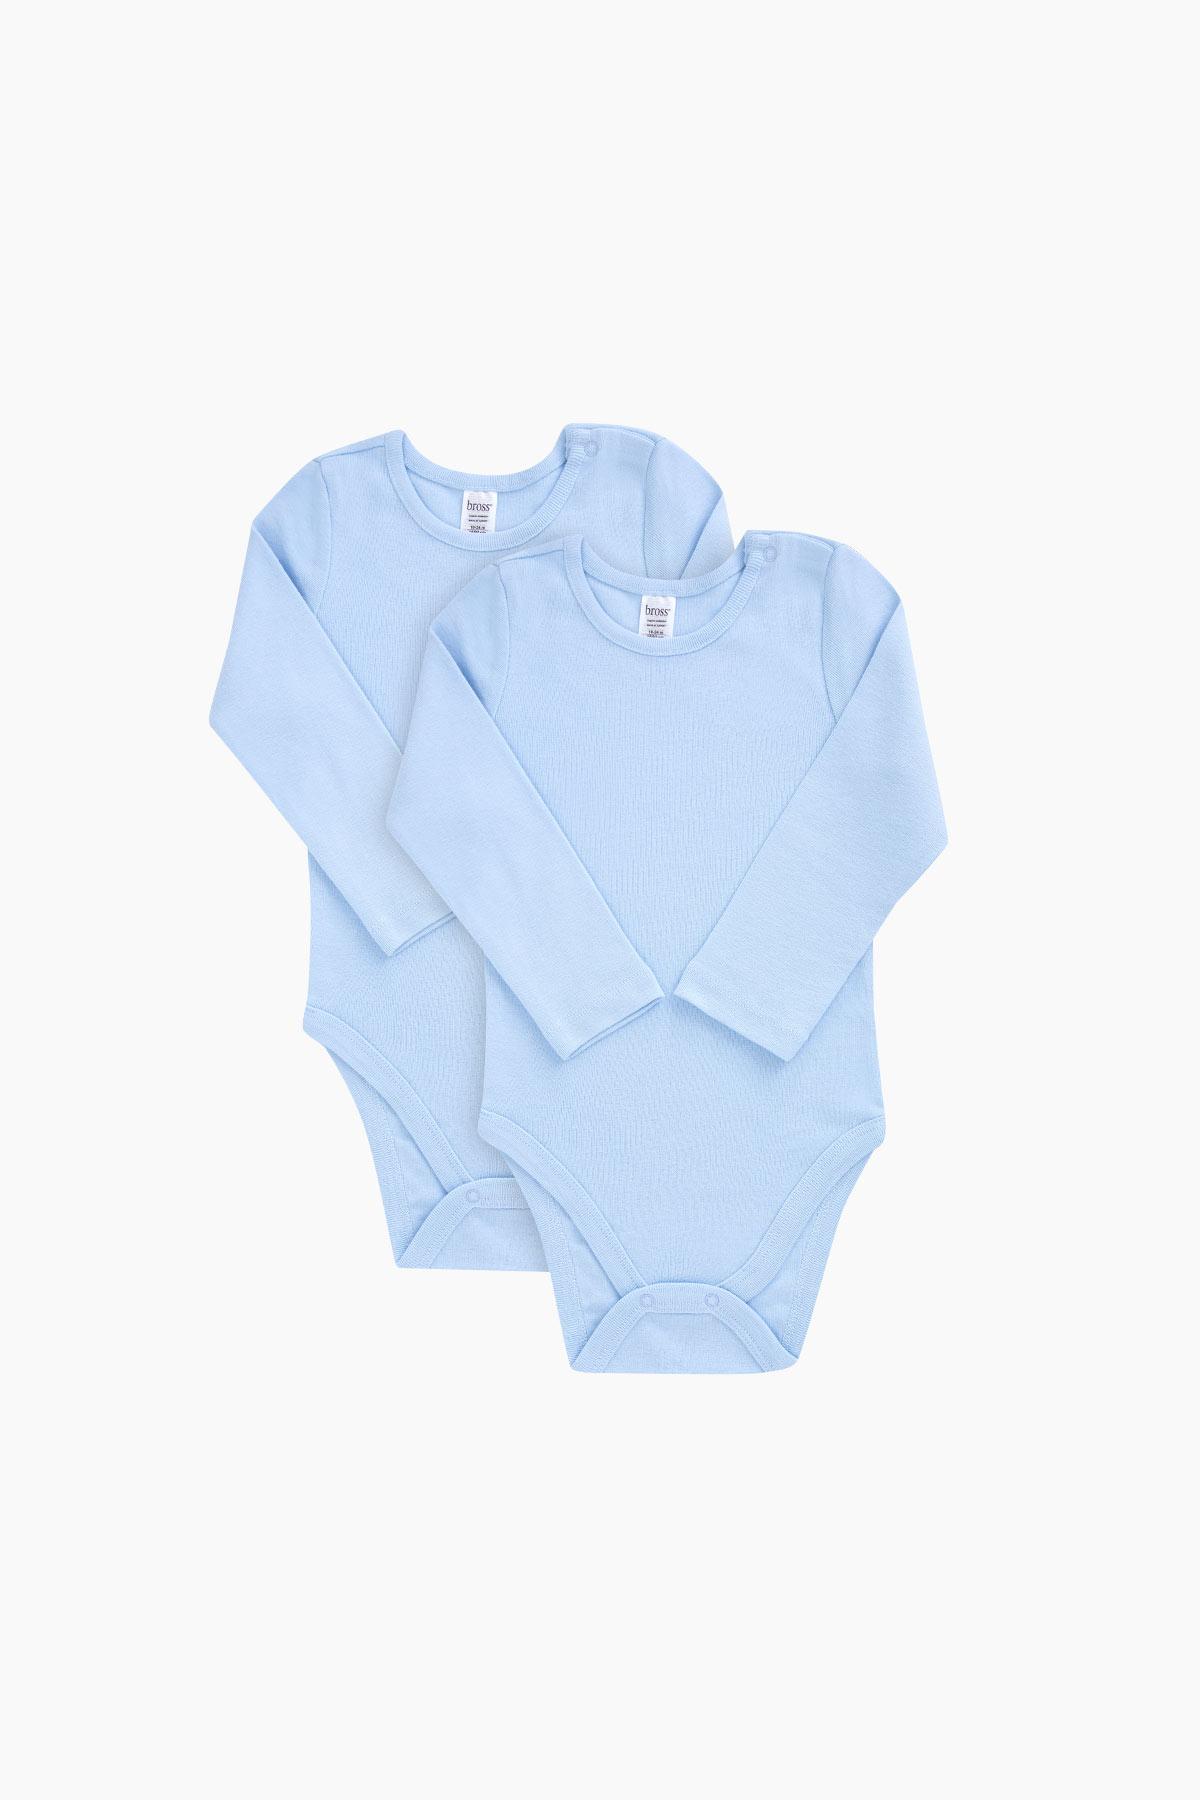 ملابس رياضية قطن زرقاء بأكمام طويلة رضع ولادي - 2 قطعة